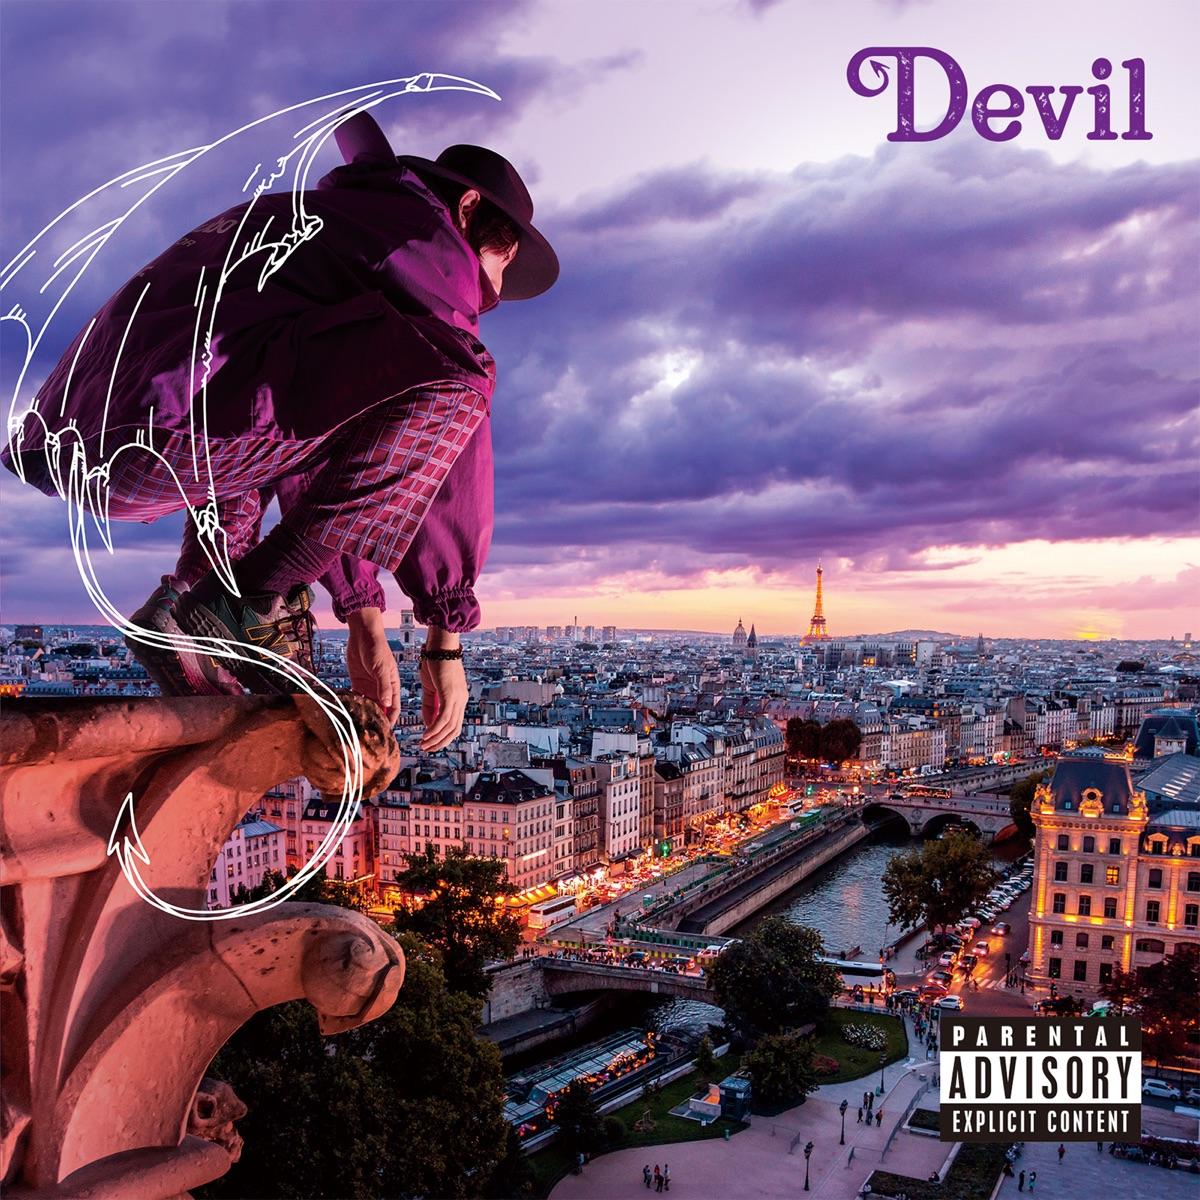 『ビッケブランカ - Shekebon! 歌詞』収録の『Devil』ジャケット